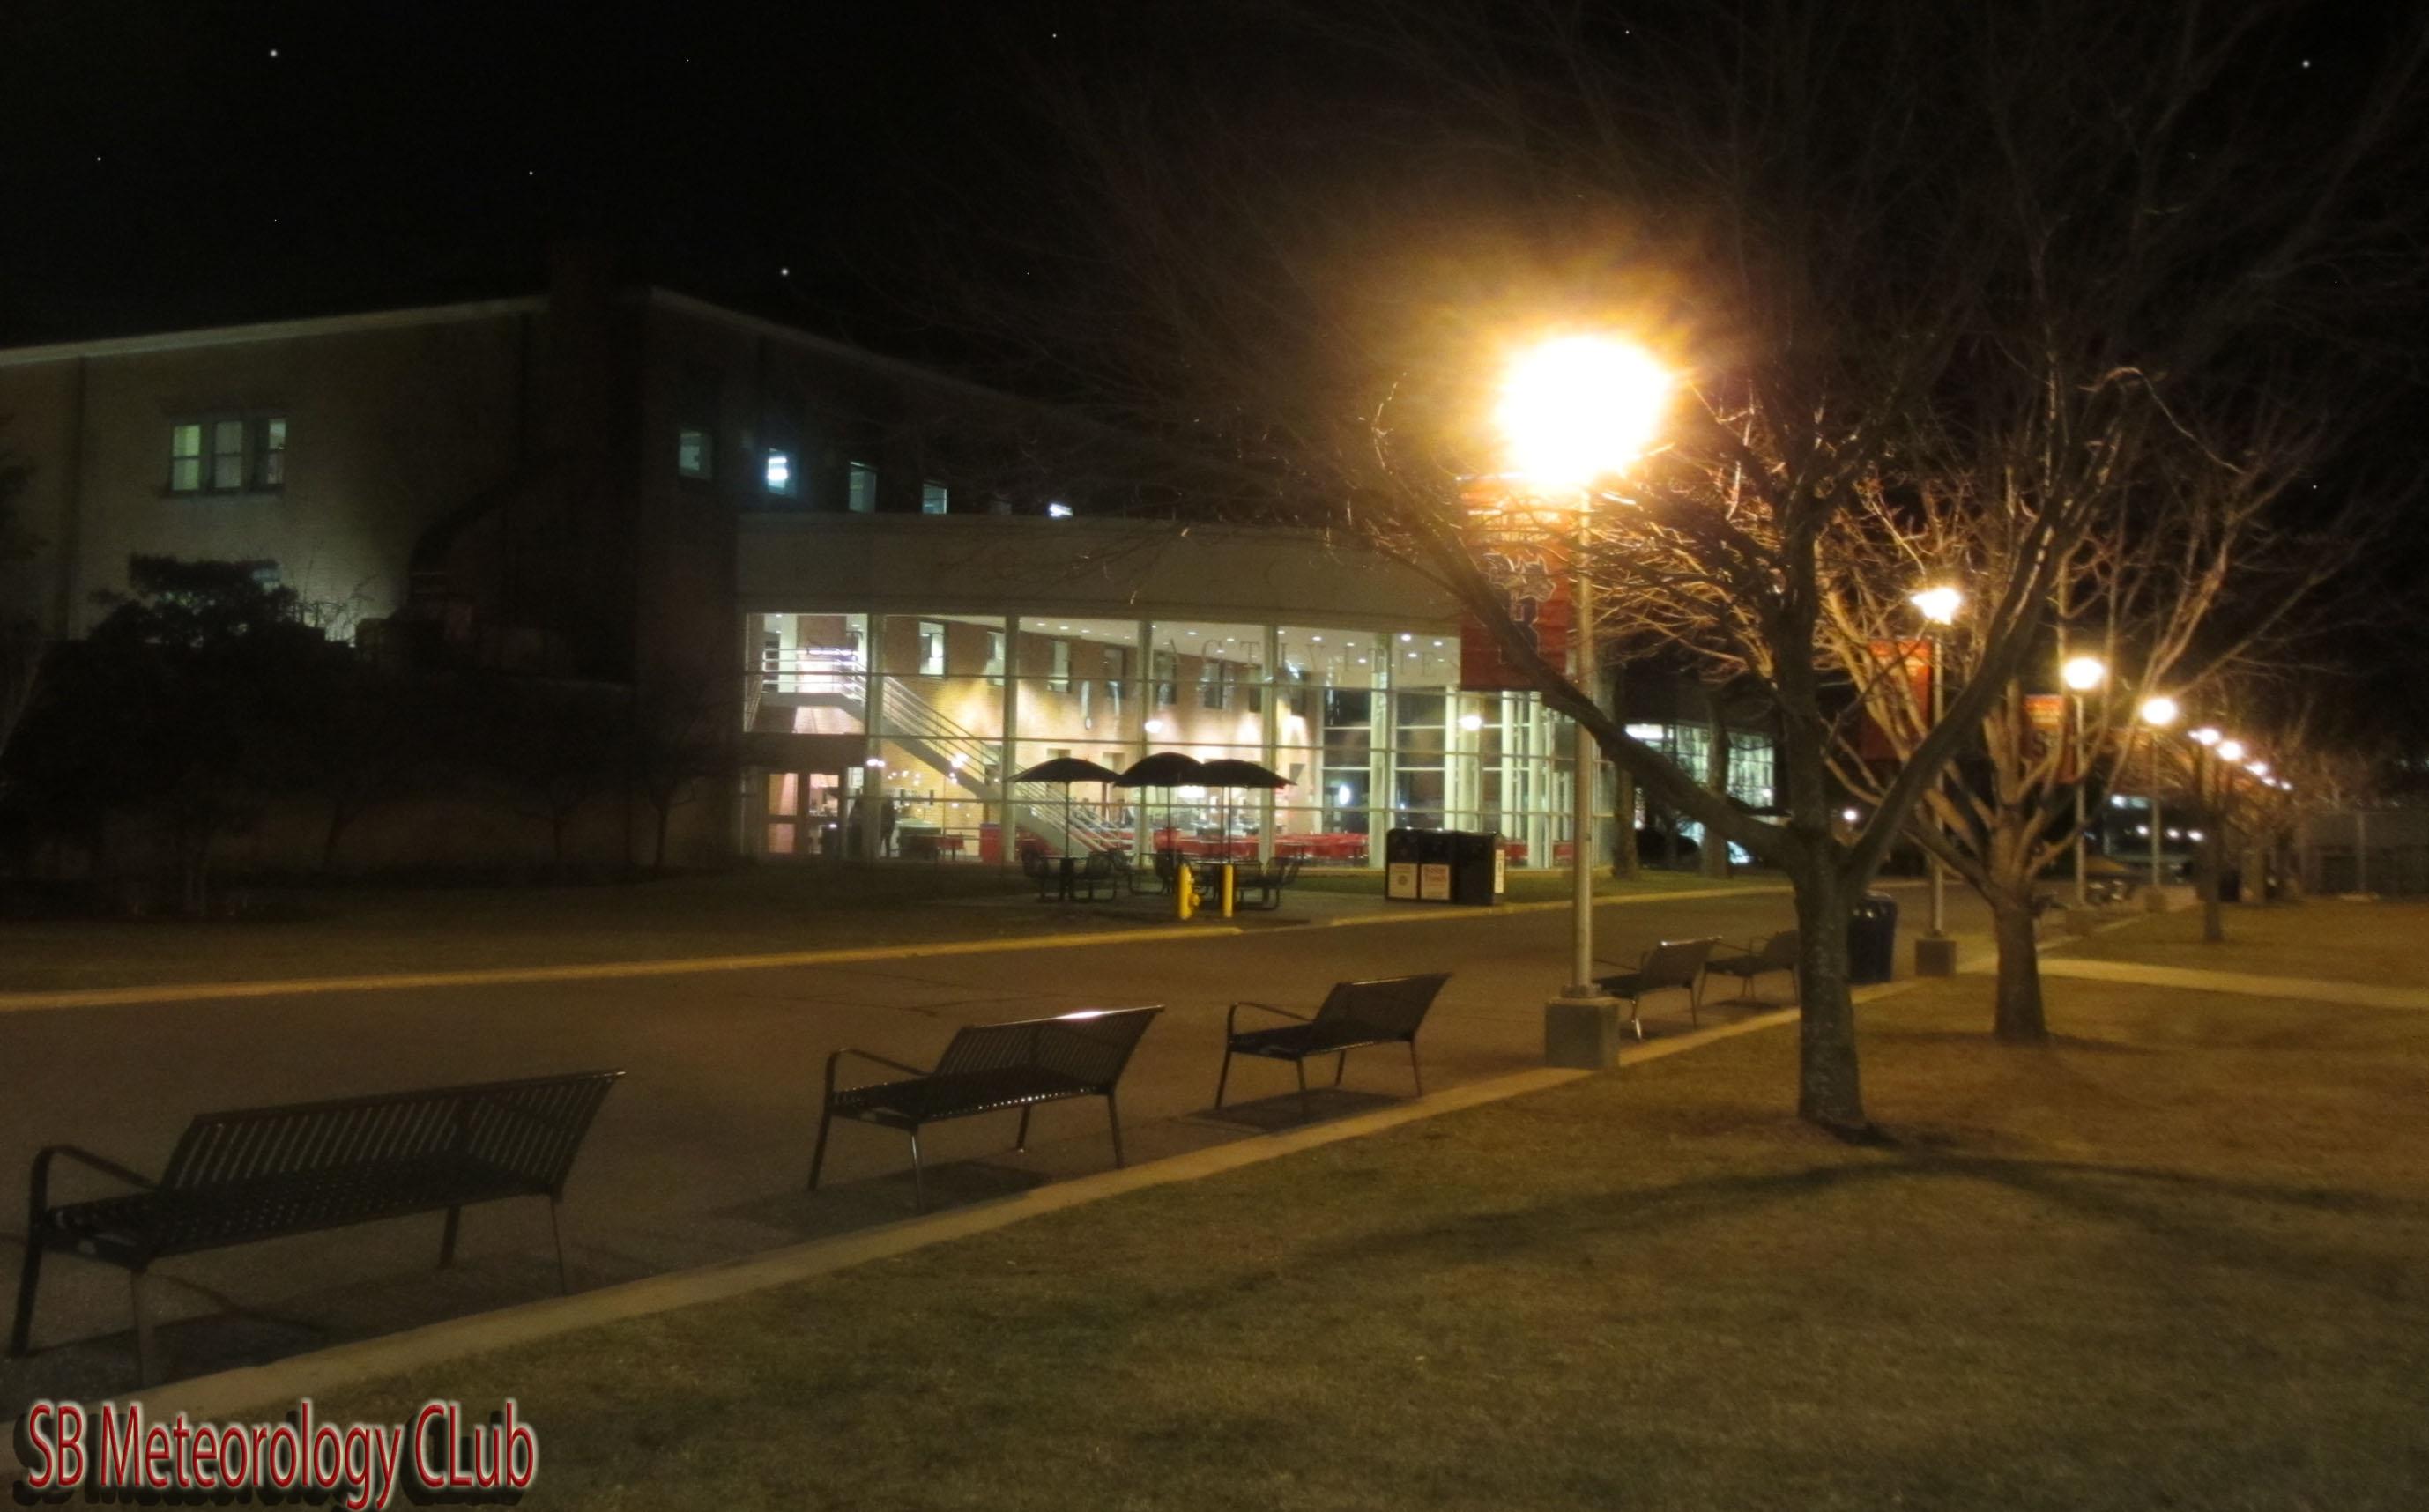 Suny stony brook university hospital & medical center-2852